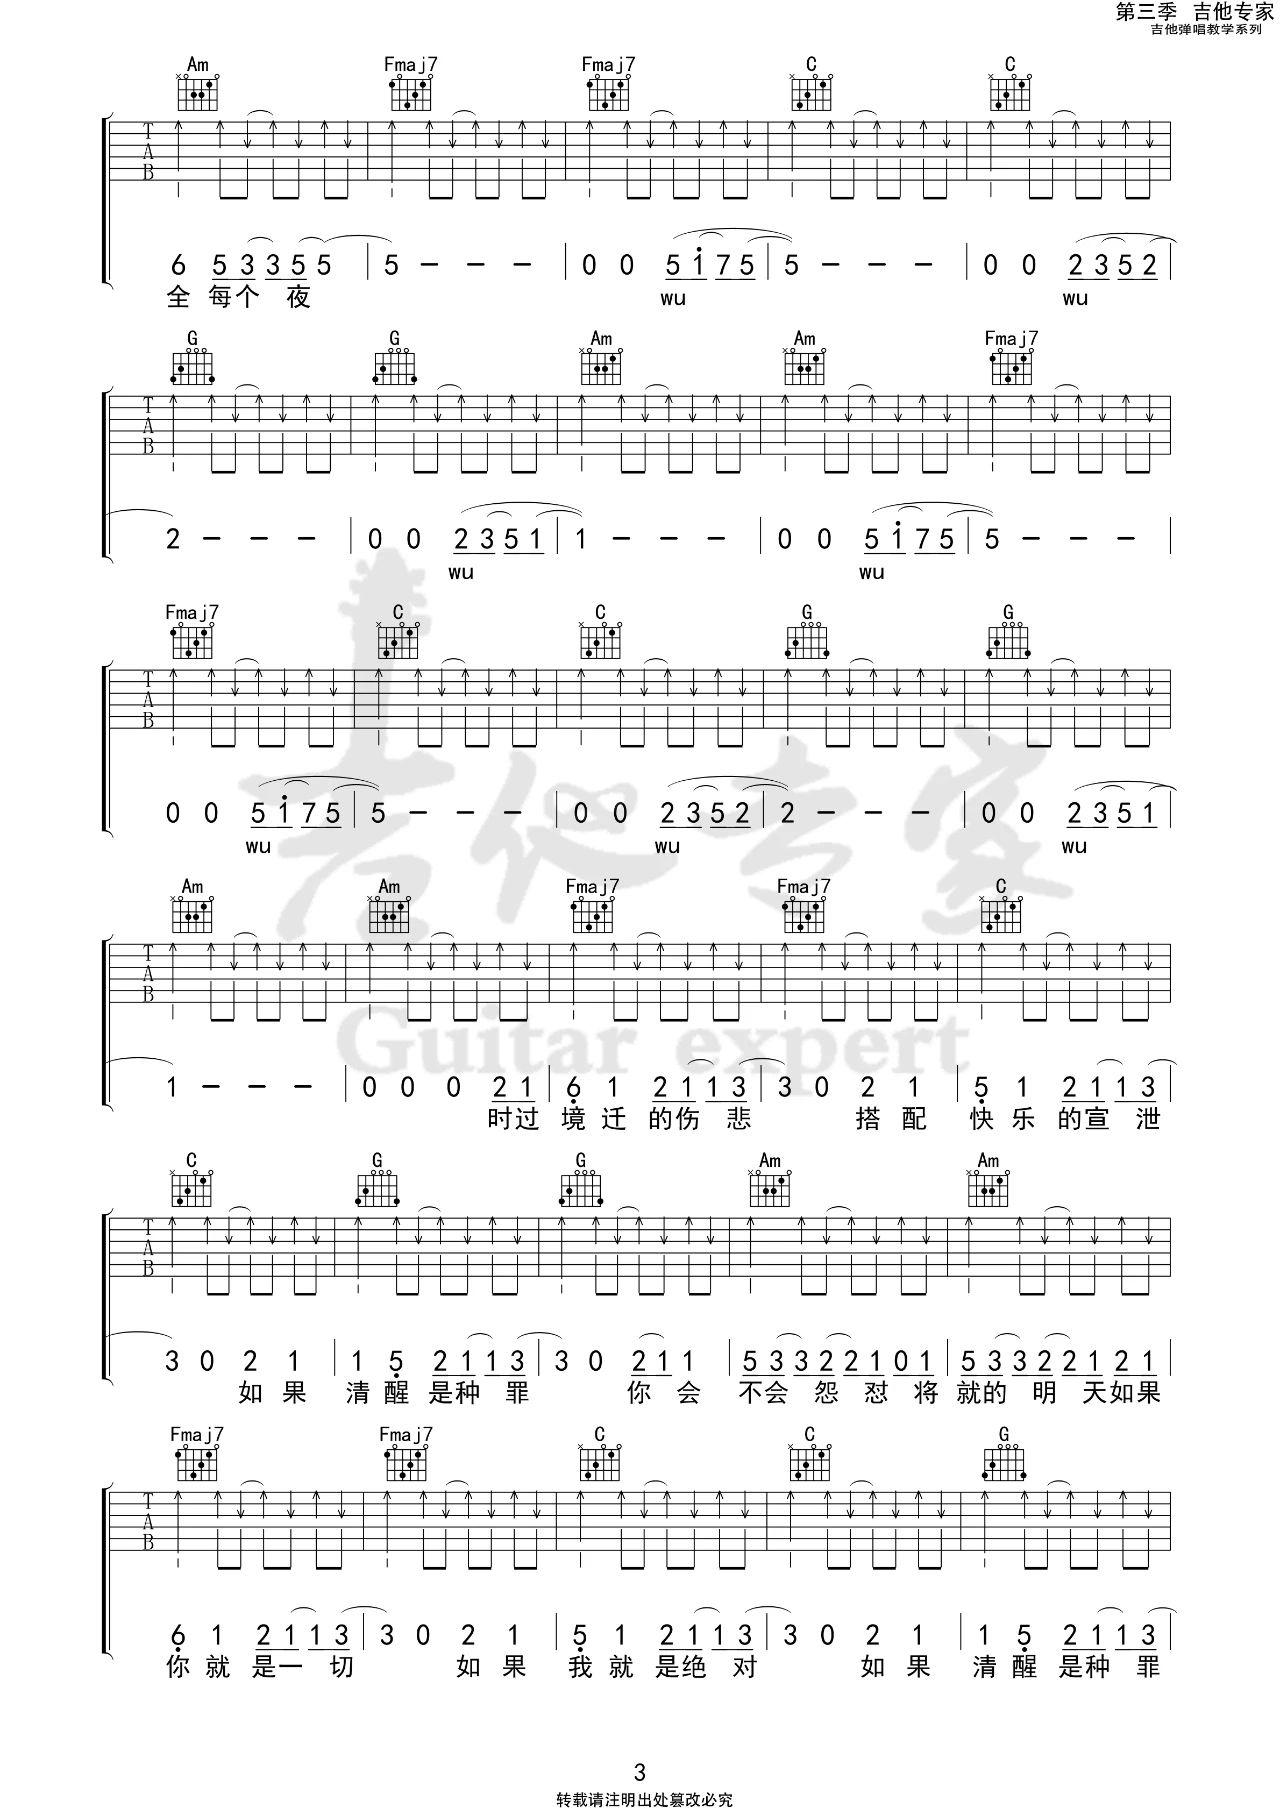 吉他派《带我去找夜生活》吉他谱-3